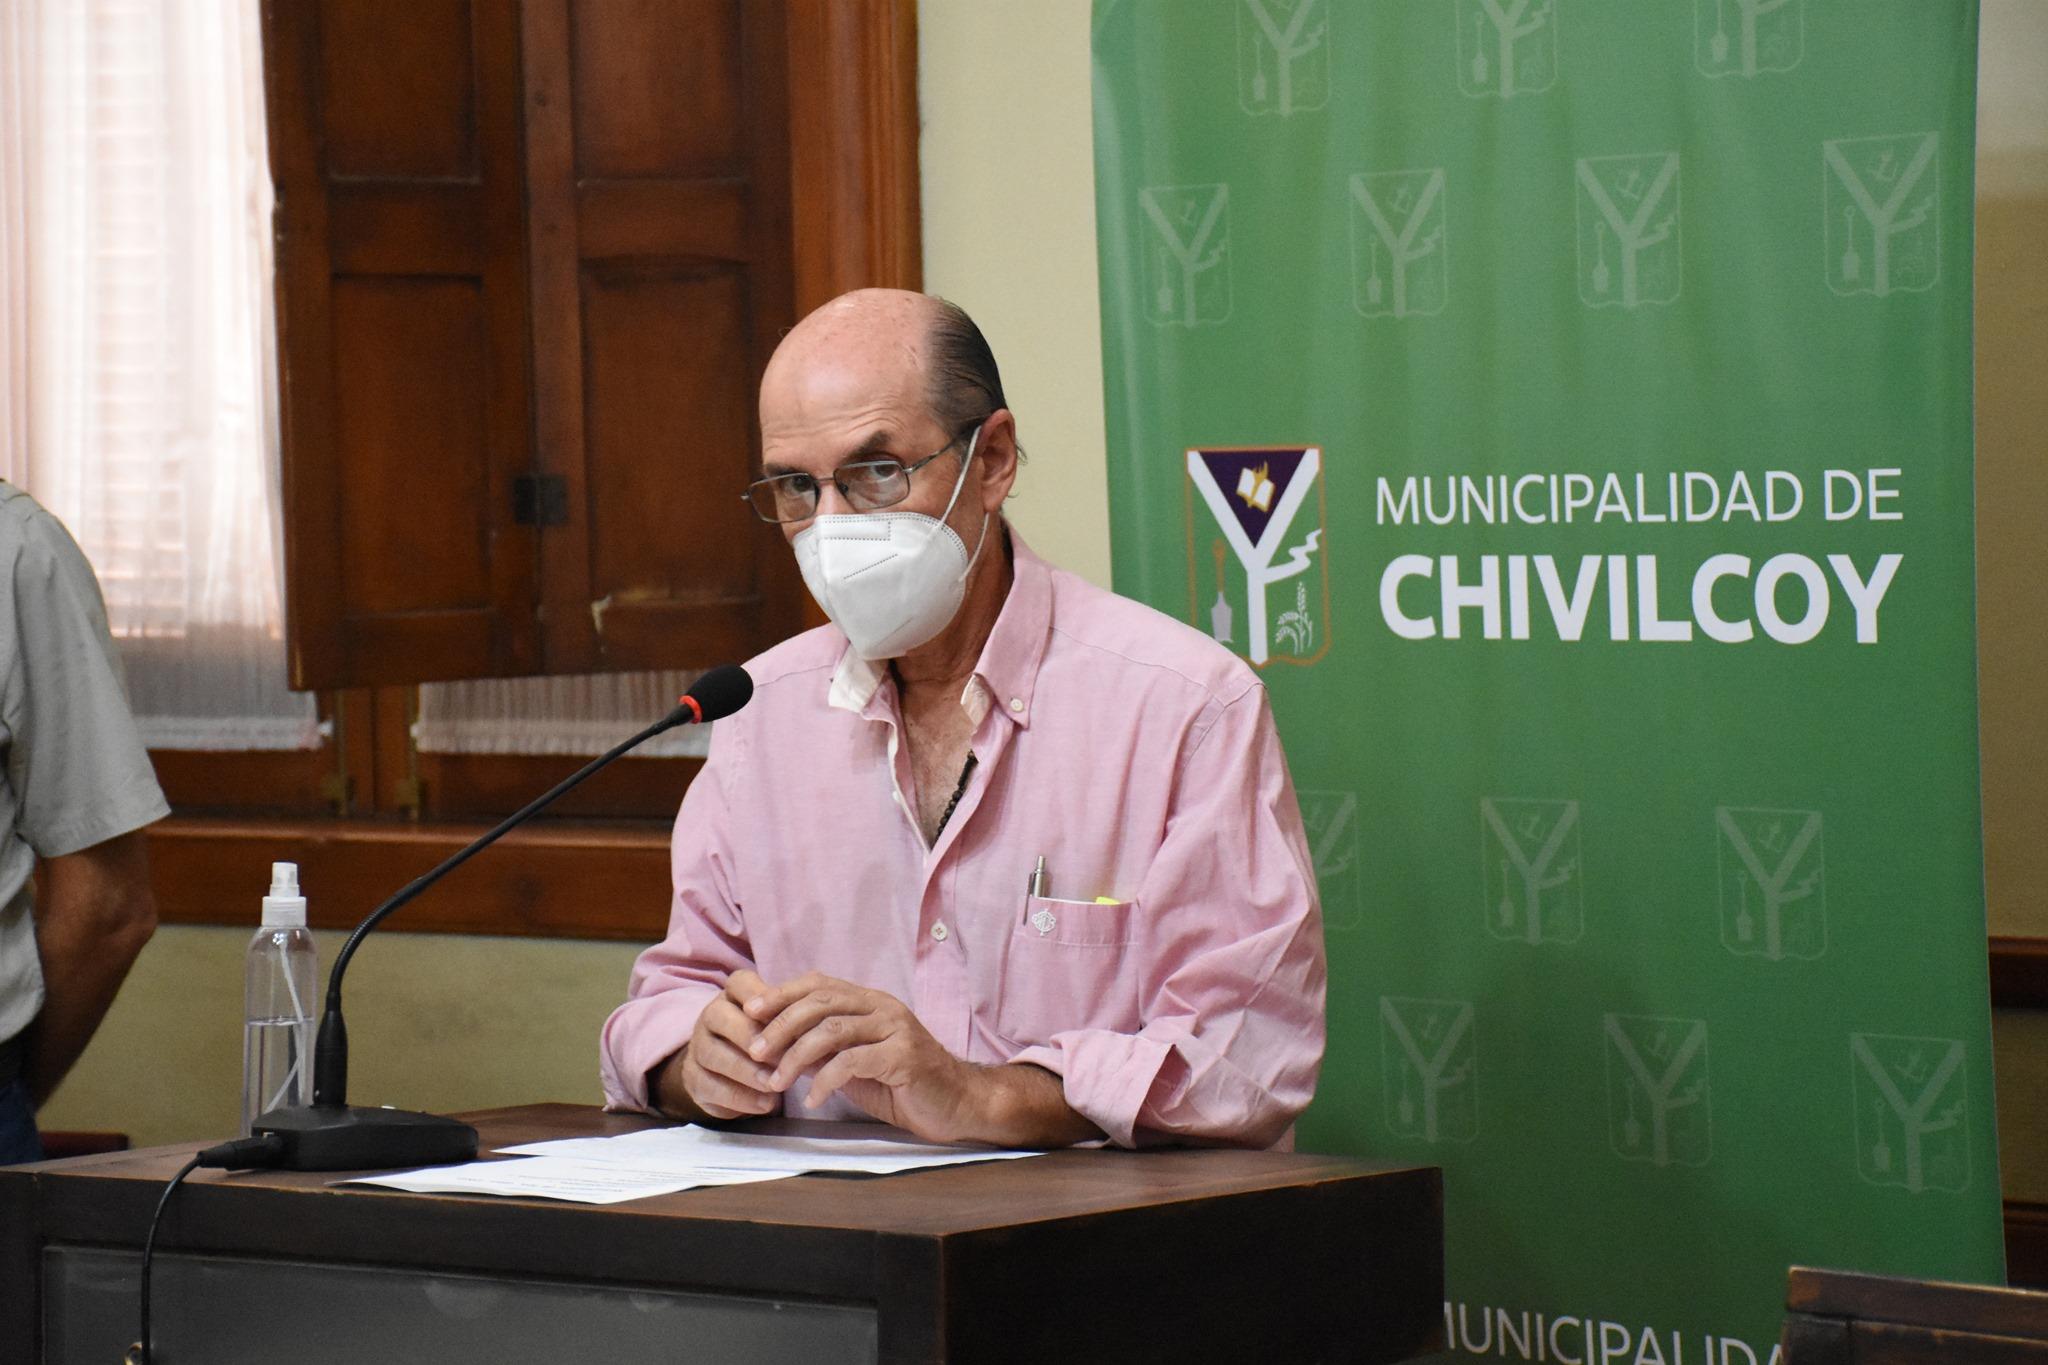 """[Dr. José Caprara] """"Apelamos a la cordura y concientización"""" pidió en resguardo al personal de salud"""